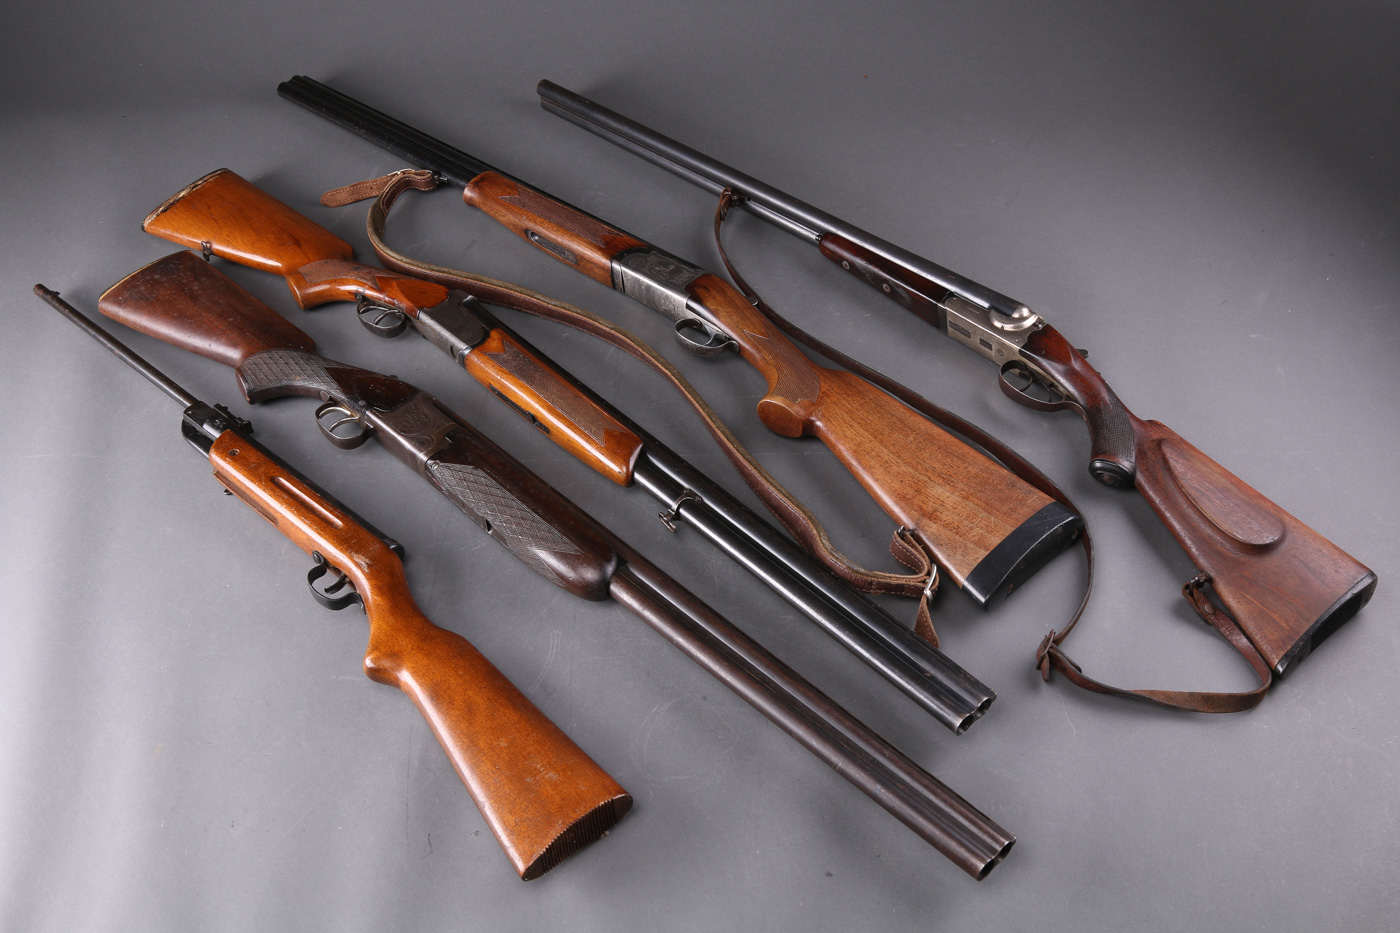 Fire haglvåben samt luftgevær - To O/U og to S/S haglgeværer samt luftgevær. Fremstår med brugsslitage og overfladerust. Eftersyn bør påregnes, før disse våben tages i brug. Jagttegn påkræves